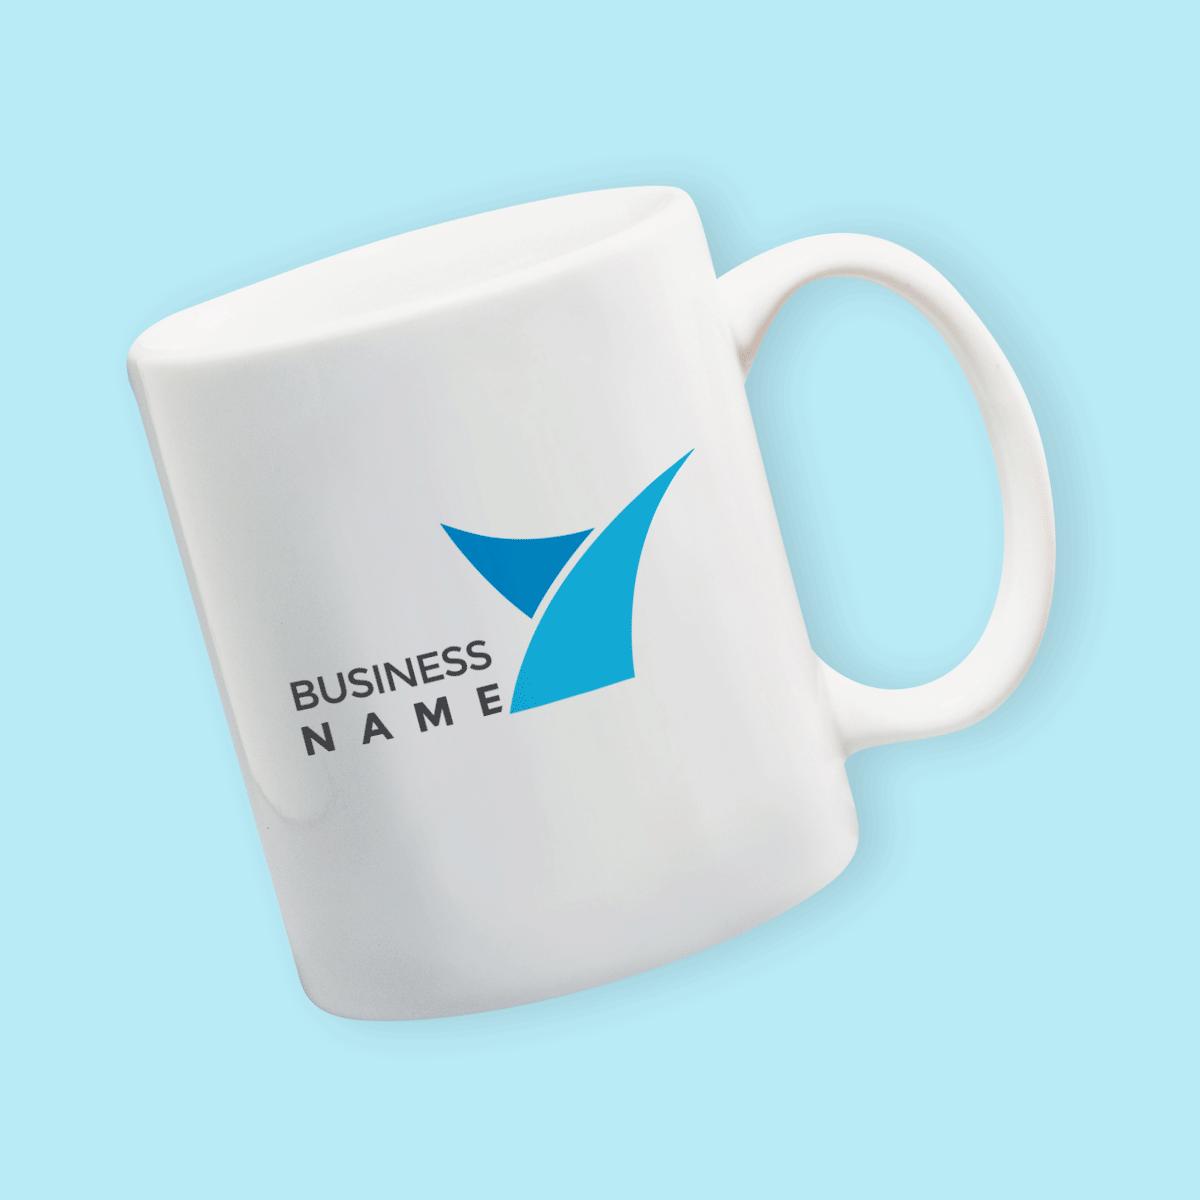 personalised mugs print